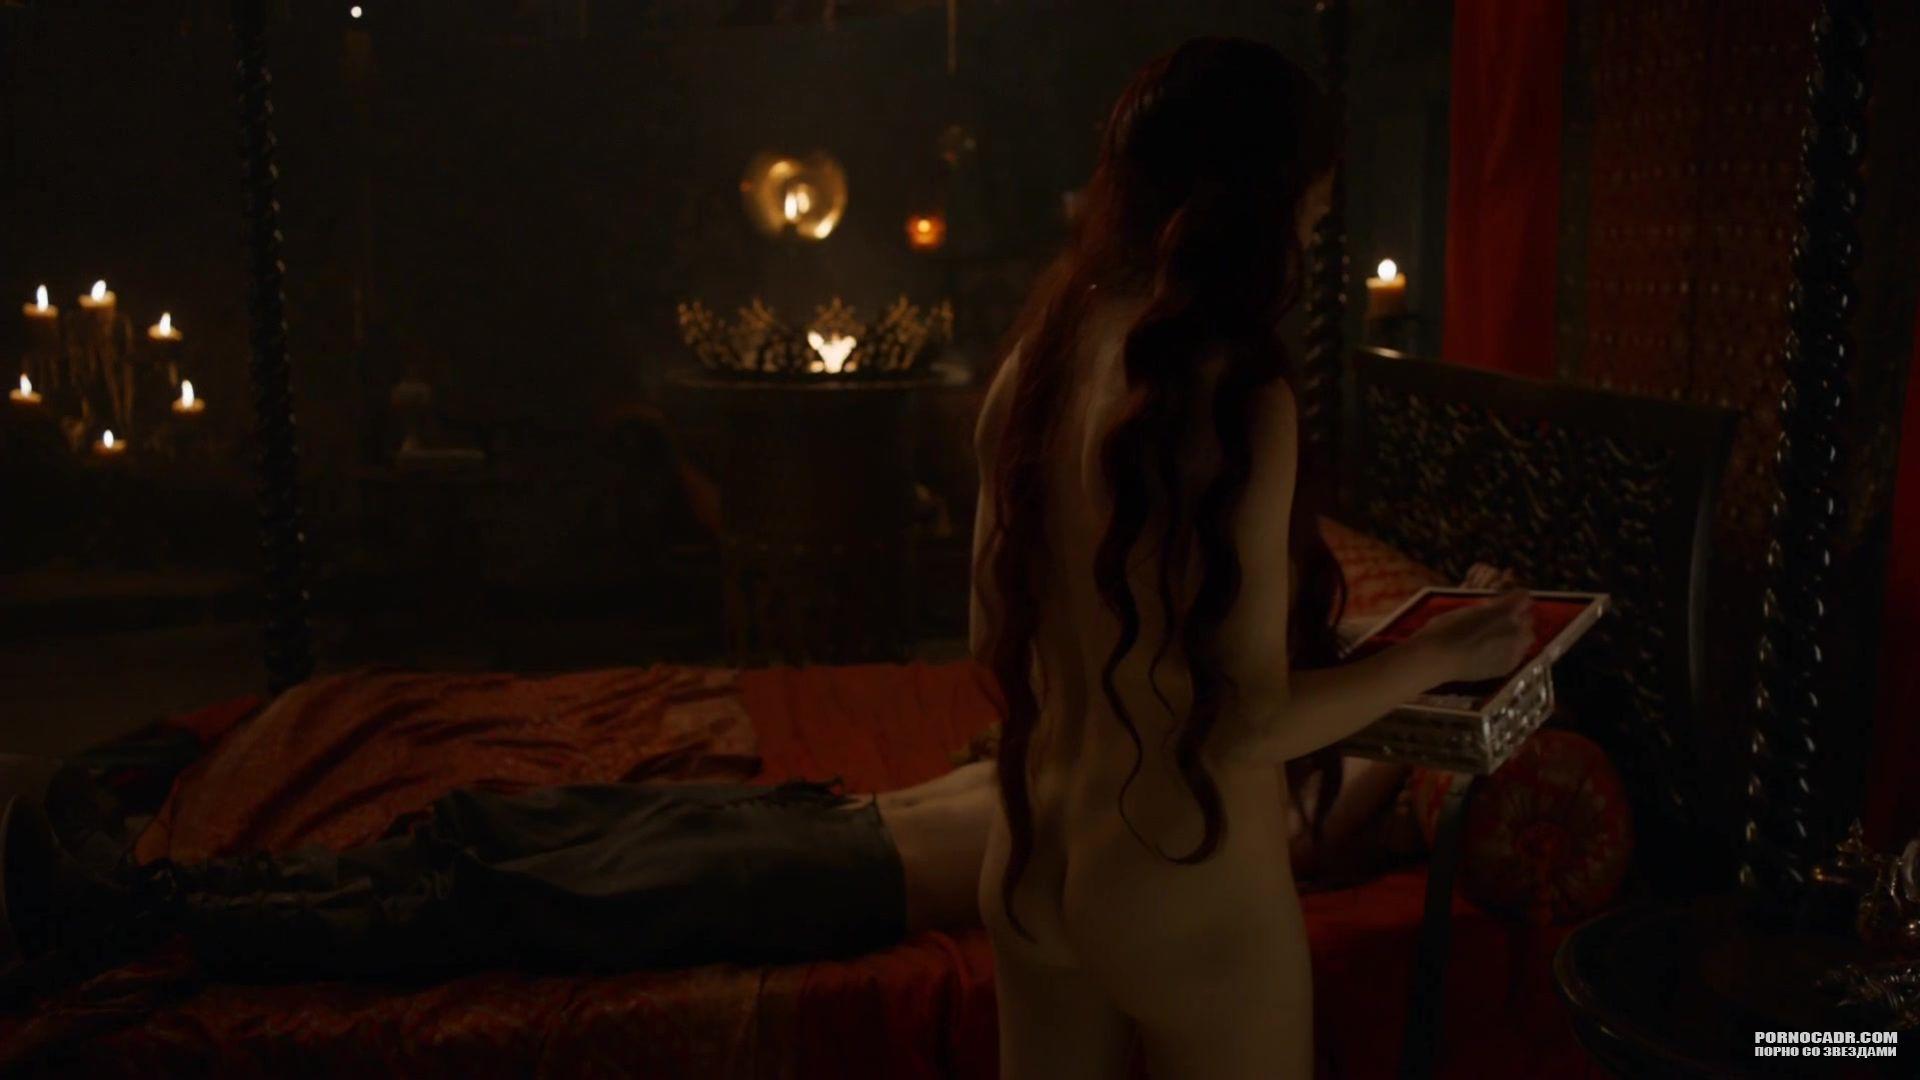 кэрис ван хаутен эротические сцены какой-то момент видишь